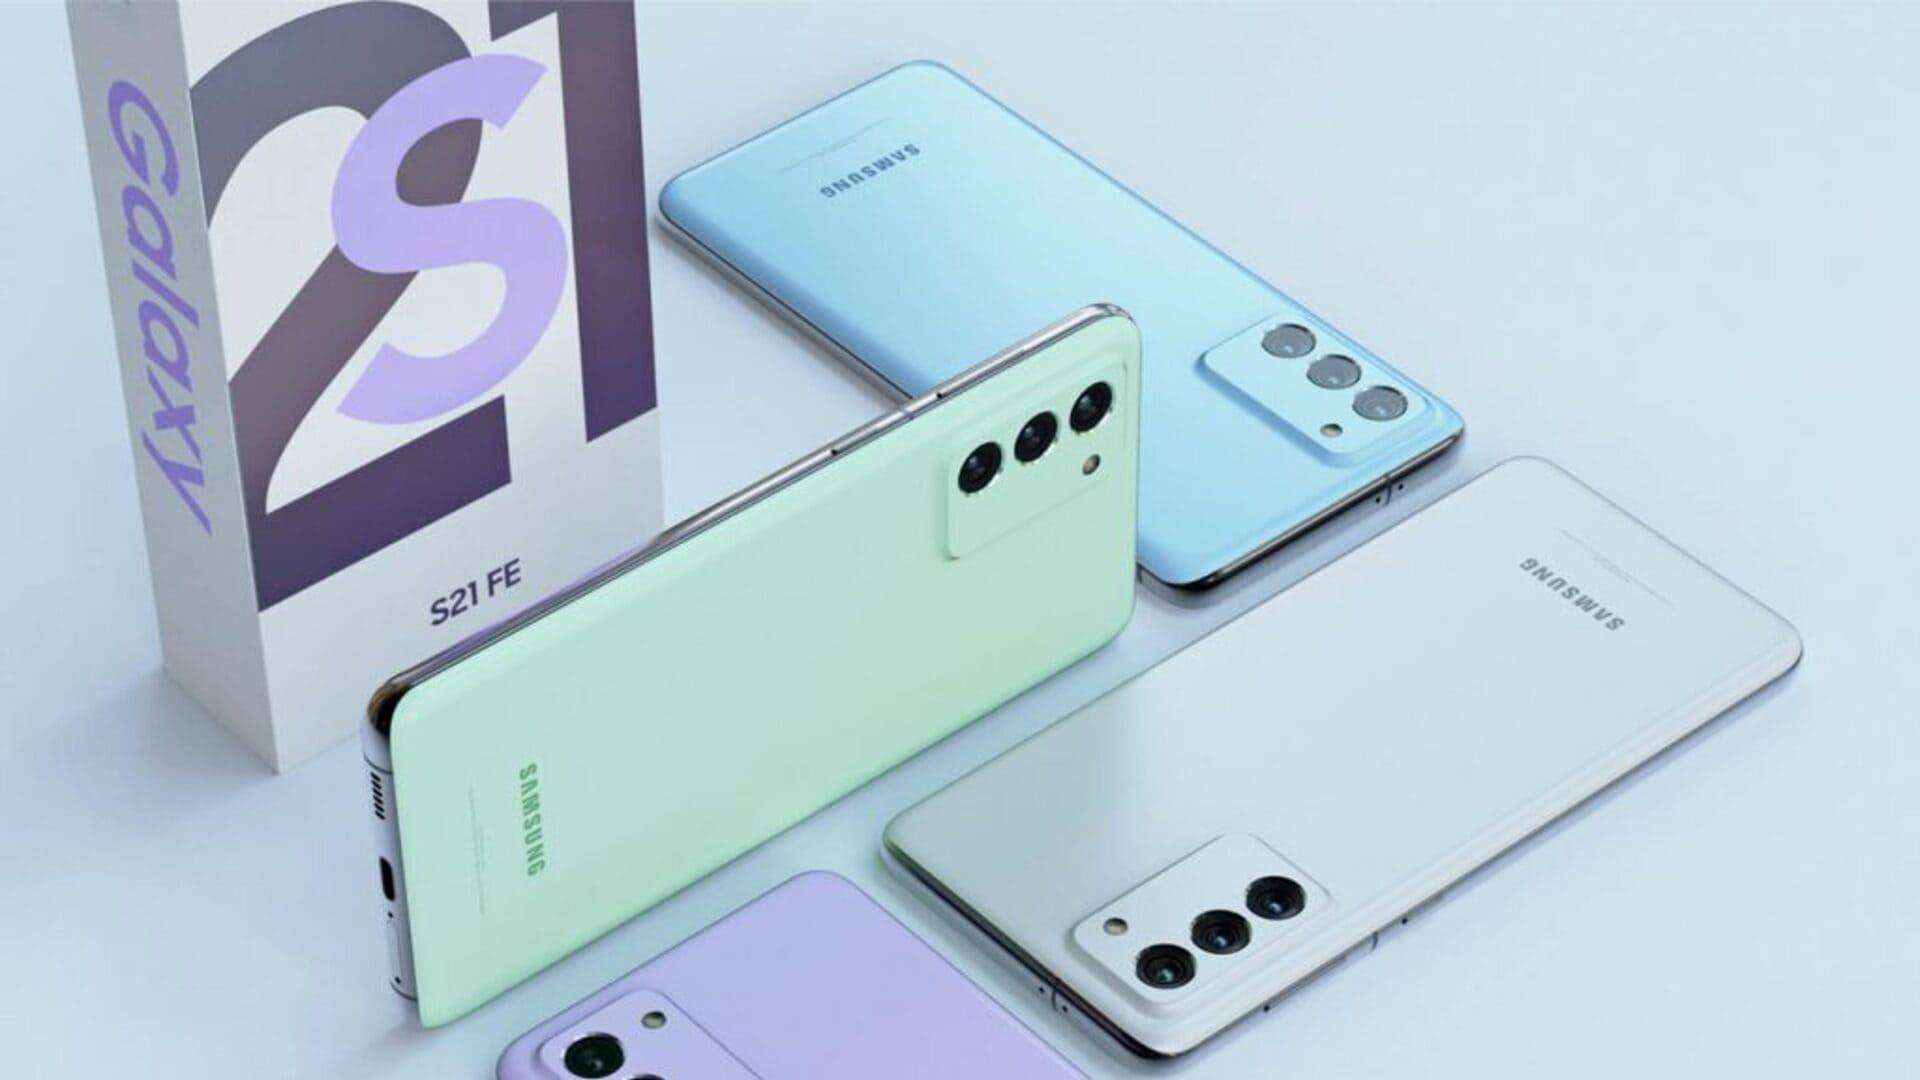 Quatro celulares Galaxy S21 FE de cores diferentes e caixa branca em fundo azul claro